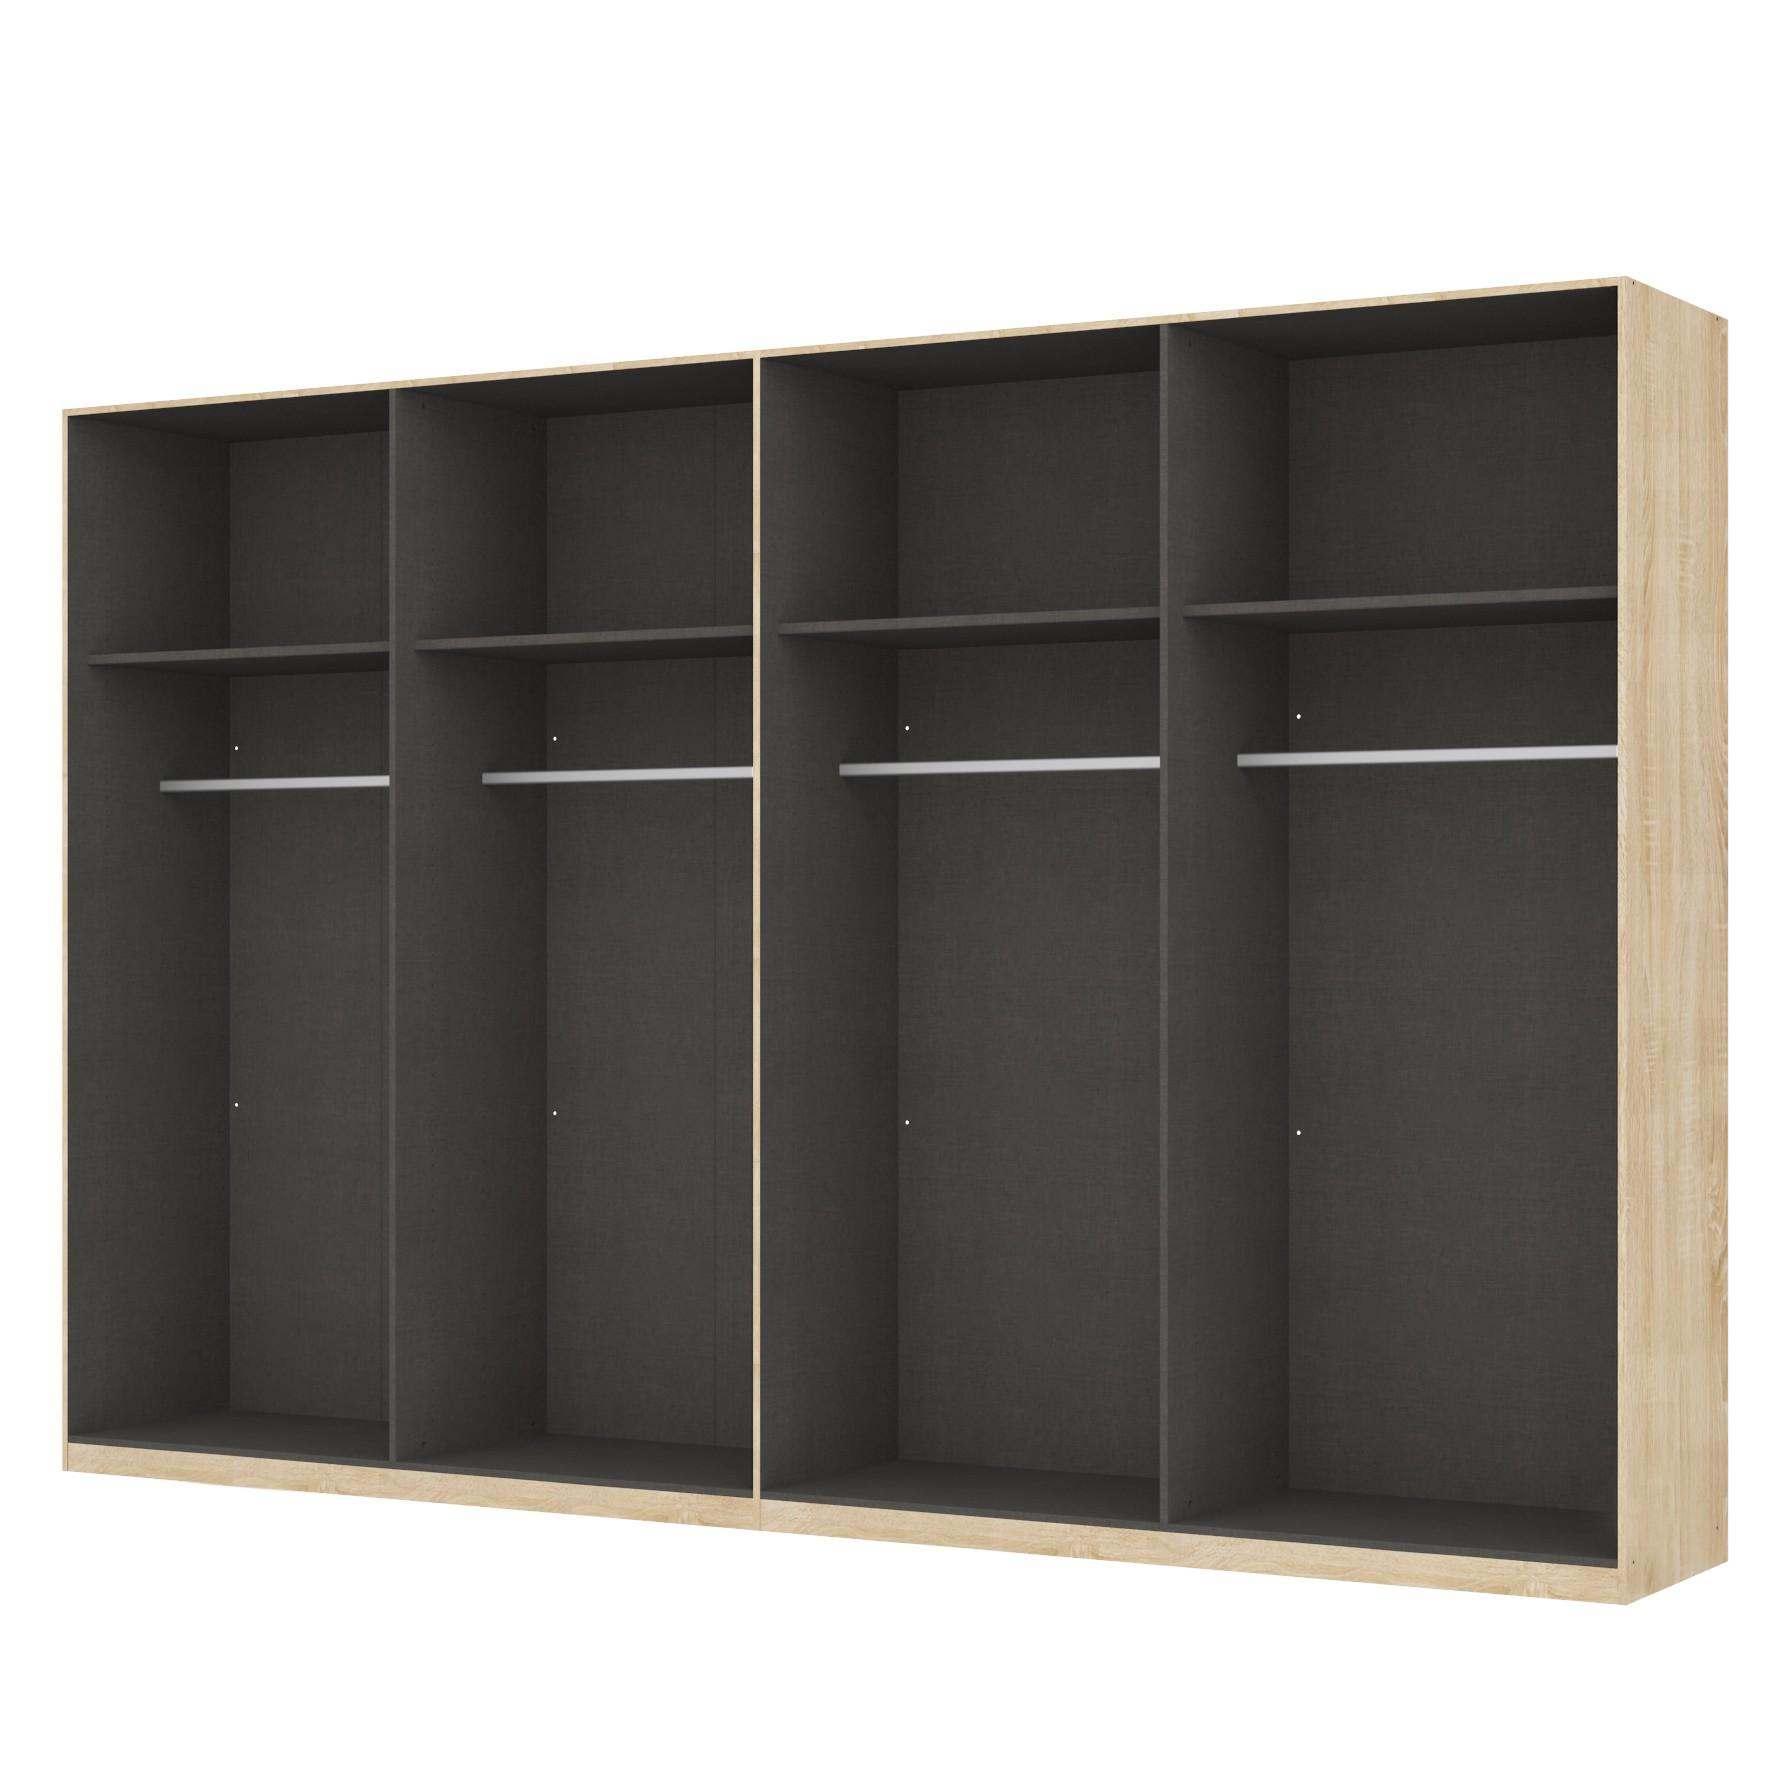 Kleiderschrank SKOEP - Eiche Sonoma Dekor/ Offen - 236 cm - 8-tuerig - Premium - 360 cm